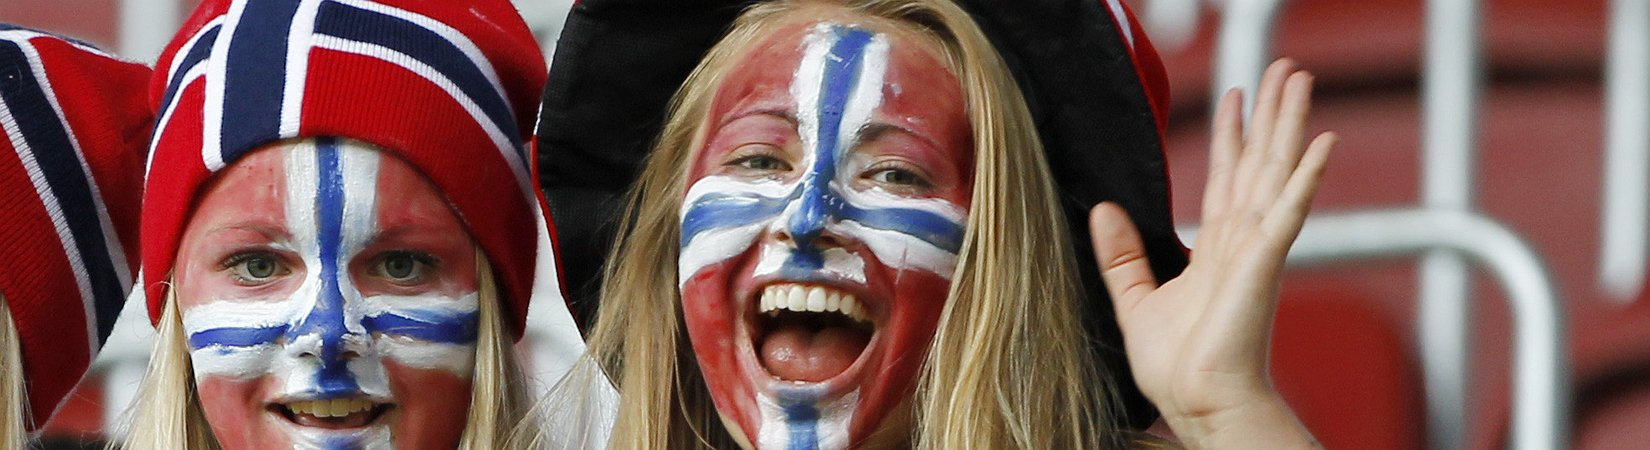 4 motivi per cui le persone che vivono in Norvegia sono più felici di te